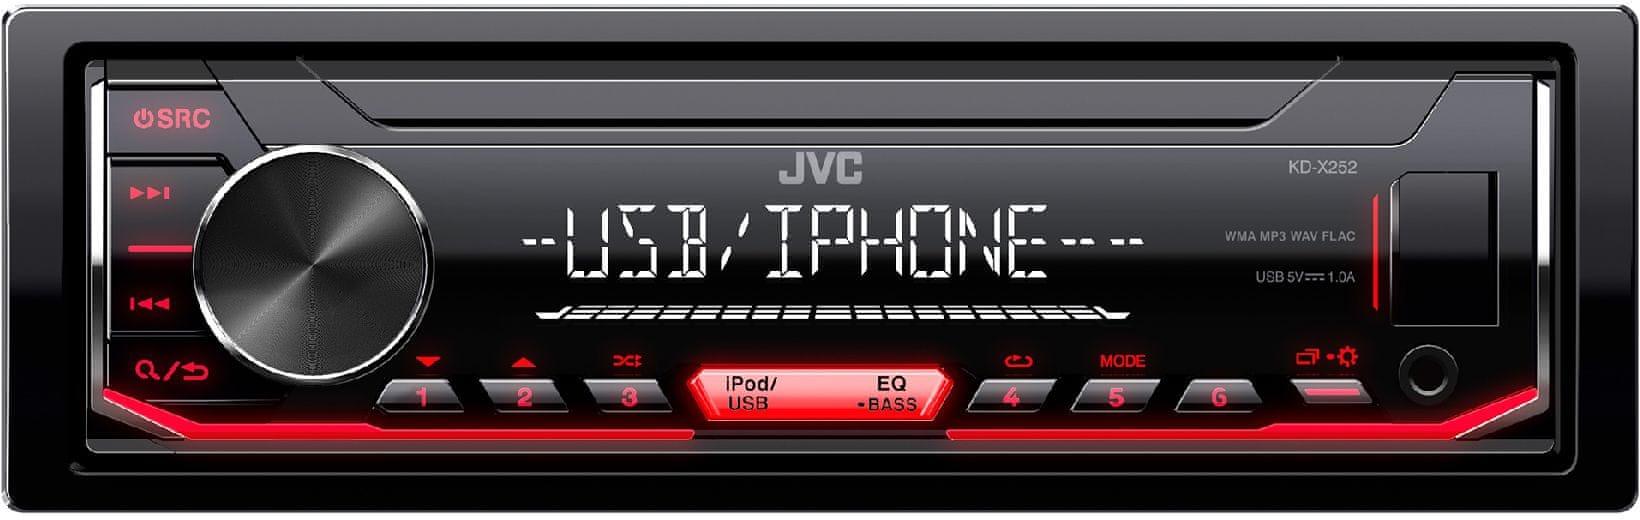 Sencor JVC KD-X252